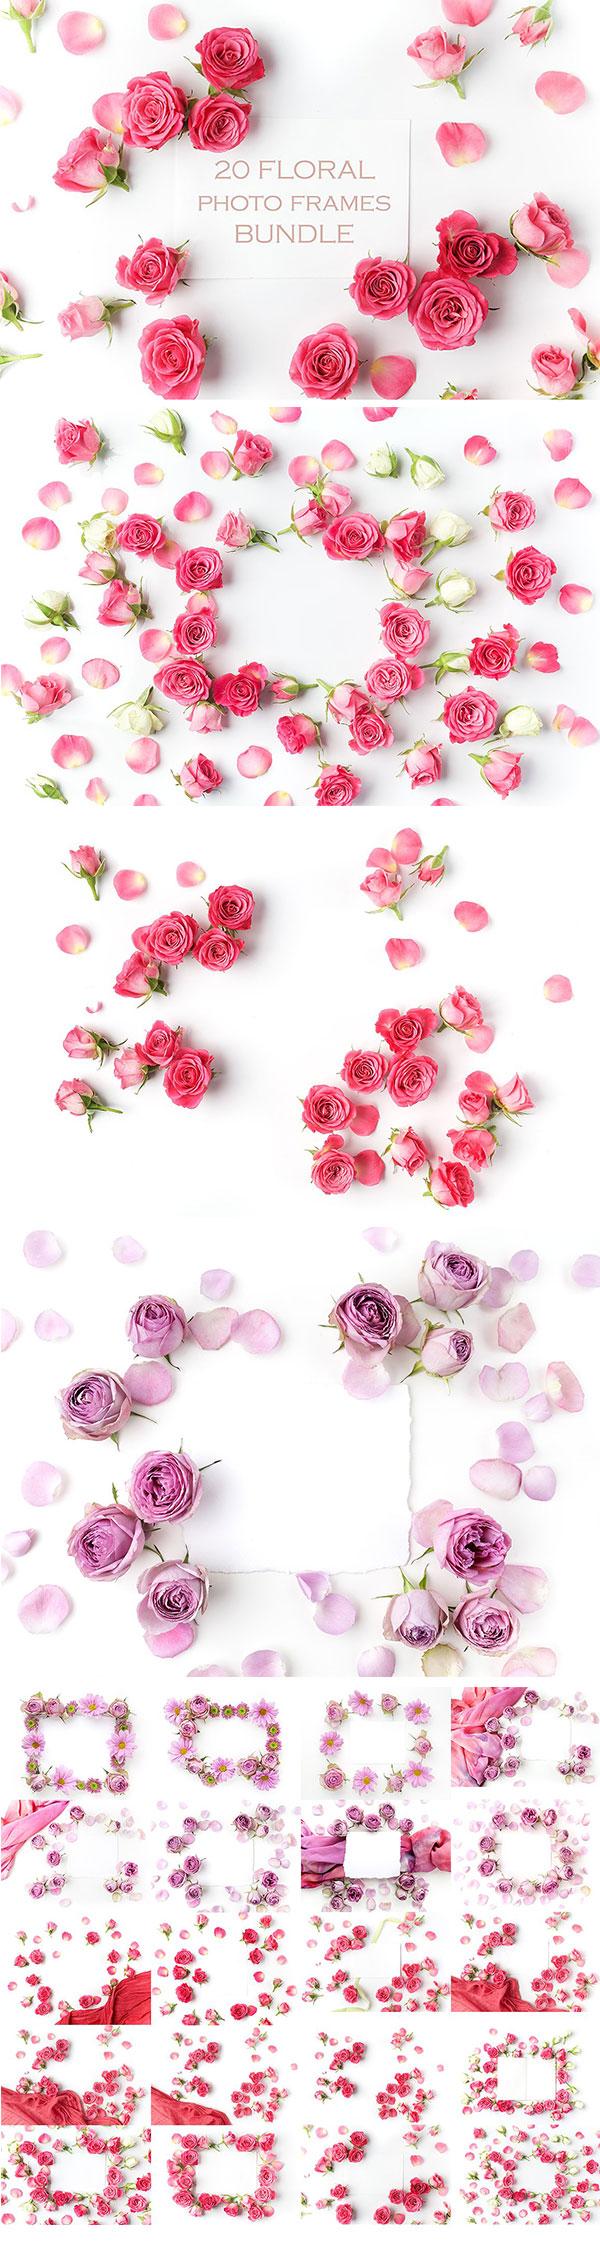 情人节必备的极品玫瑰花高清素材打包下载[高清图,广告图框架]